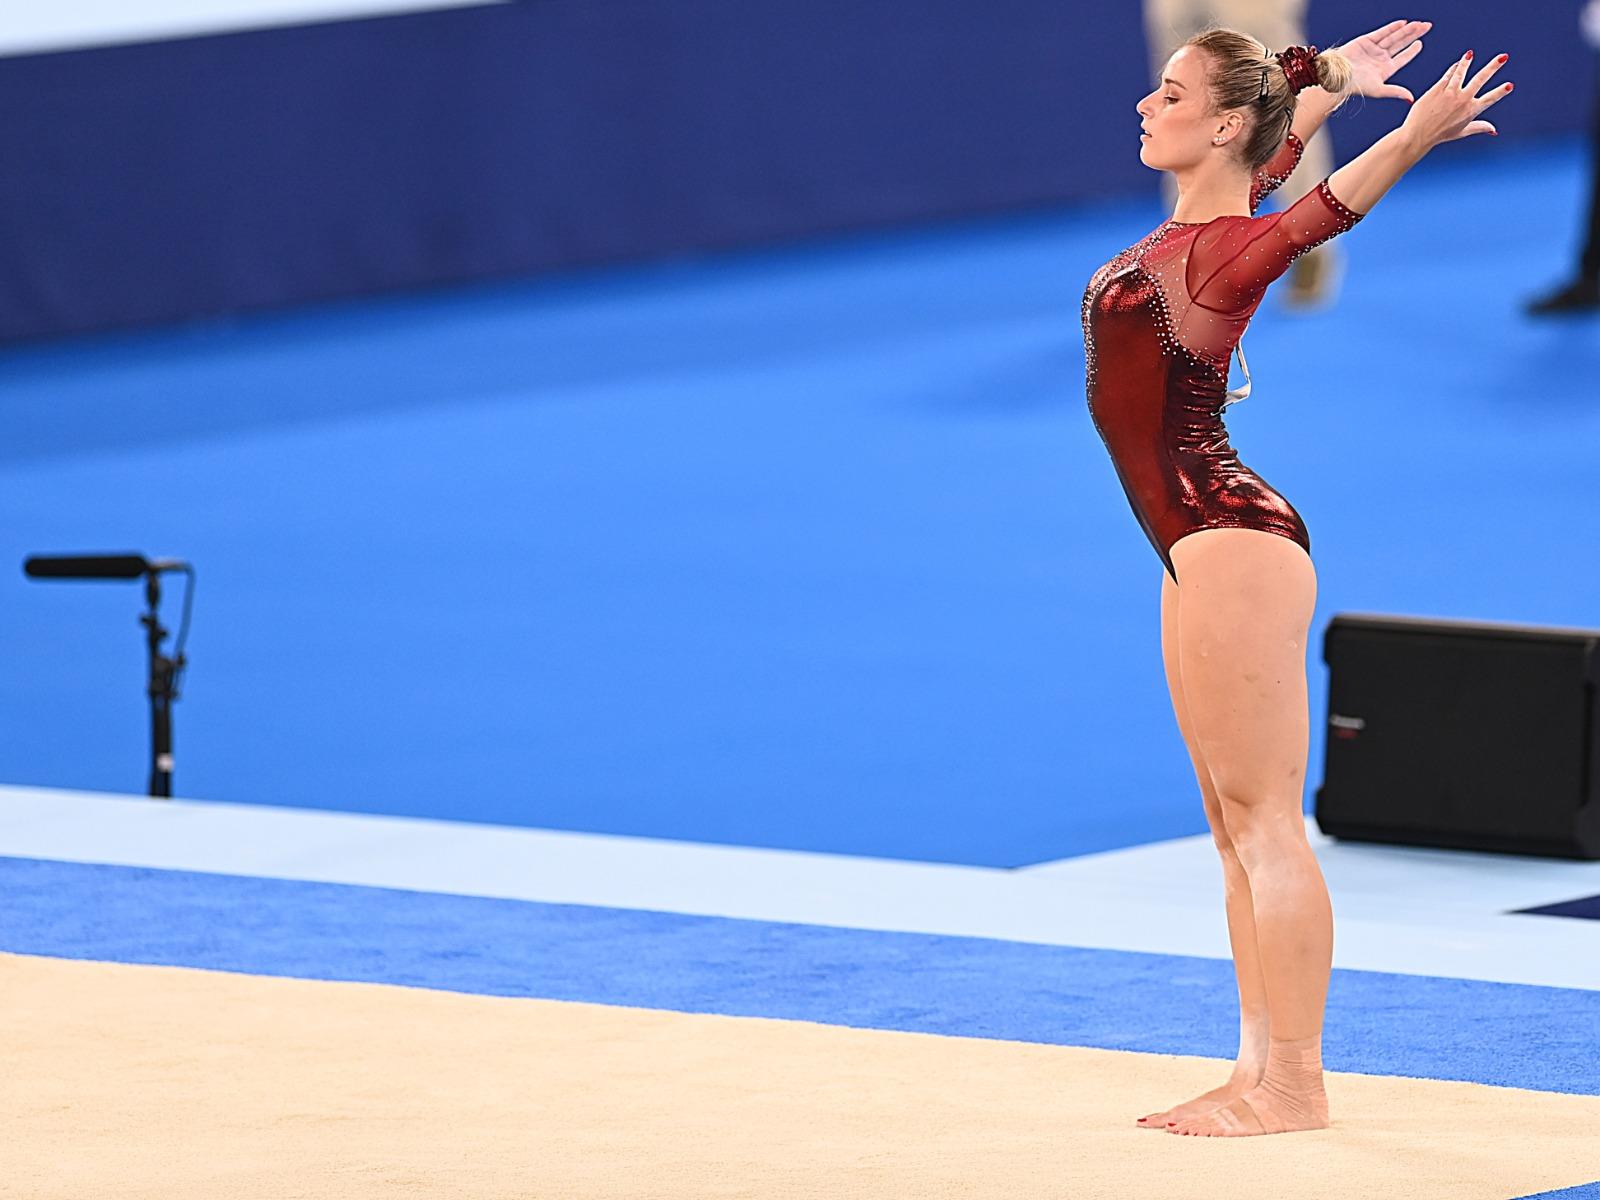 Ana Đerek završila svoj nastup na Olimpijskim igrama; hrvatska gimnastičarka ipak nije izborila nastup u finalu po spravama